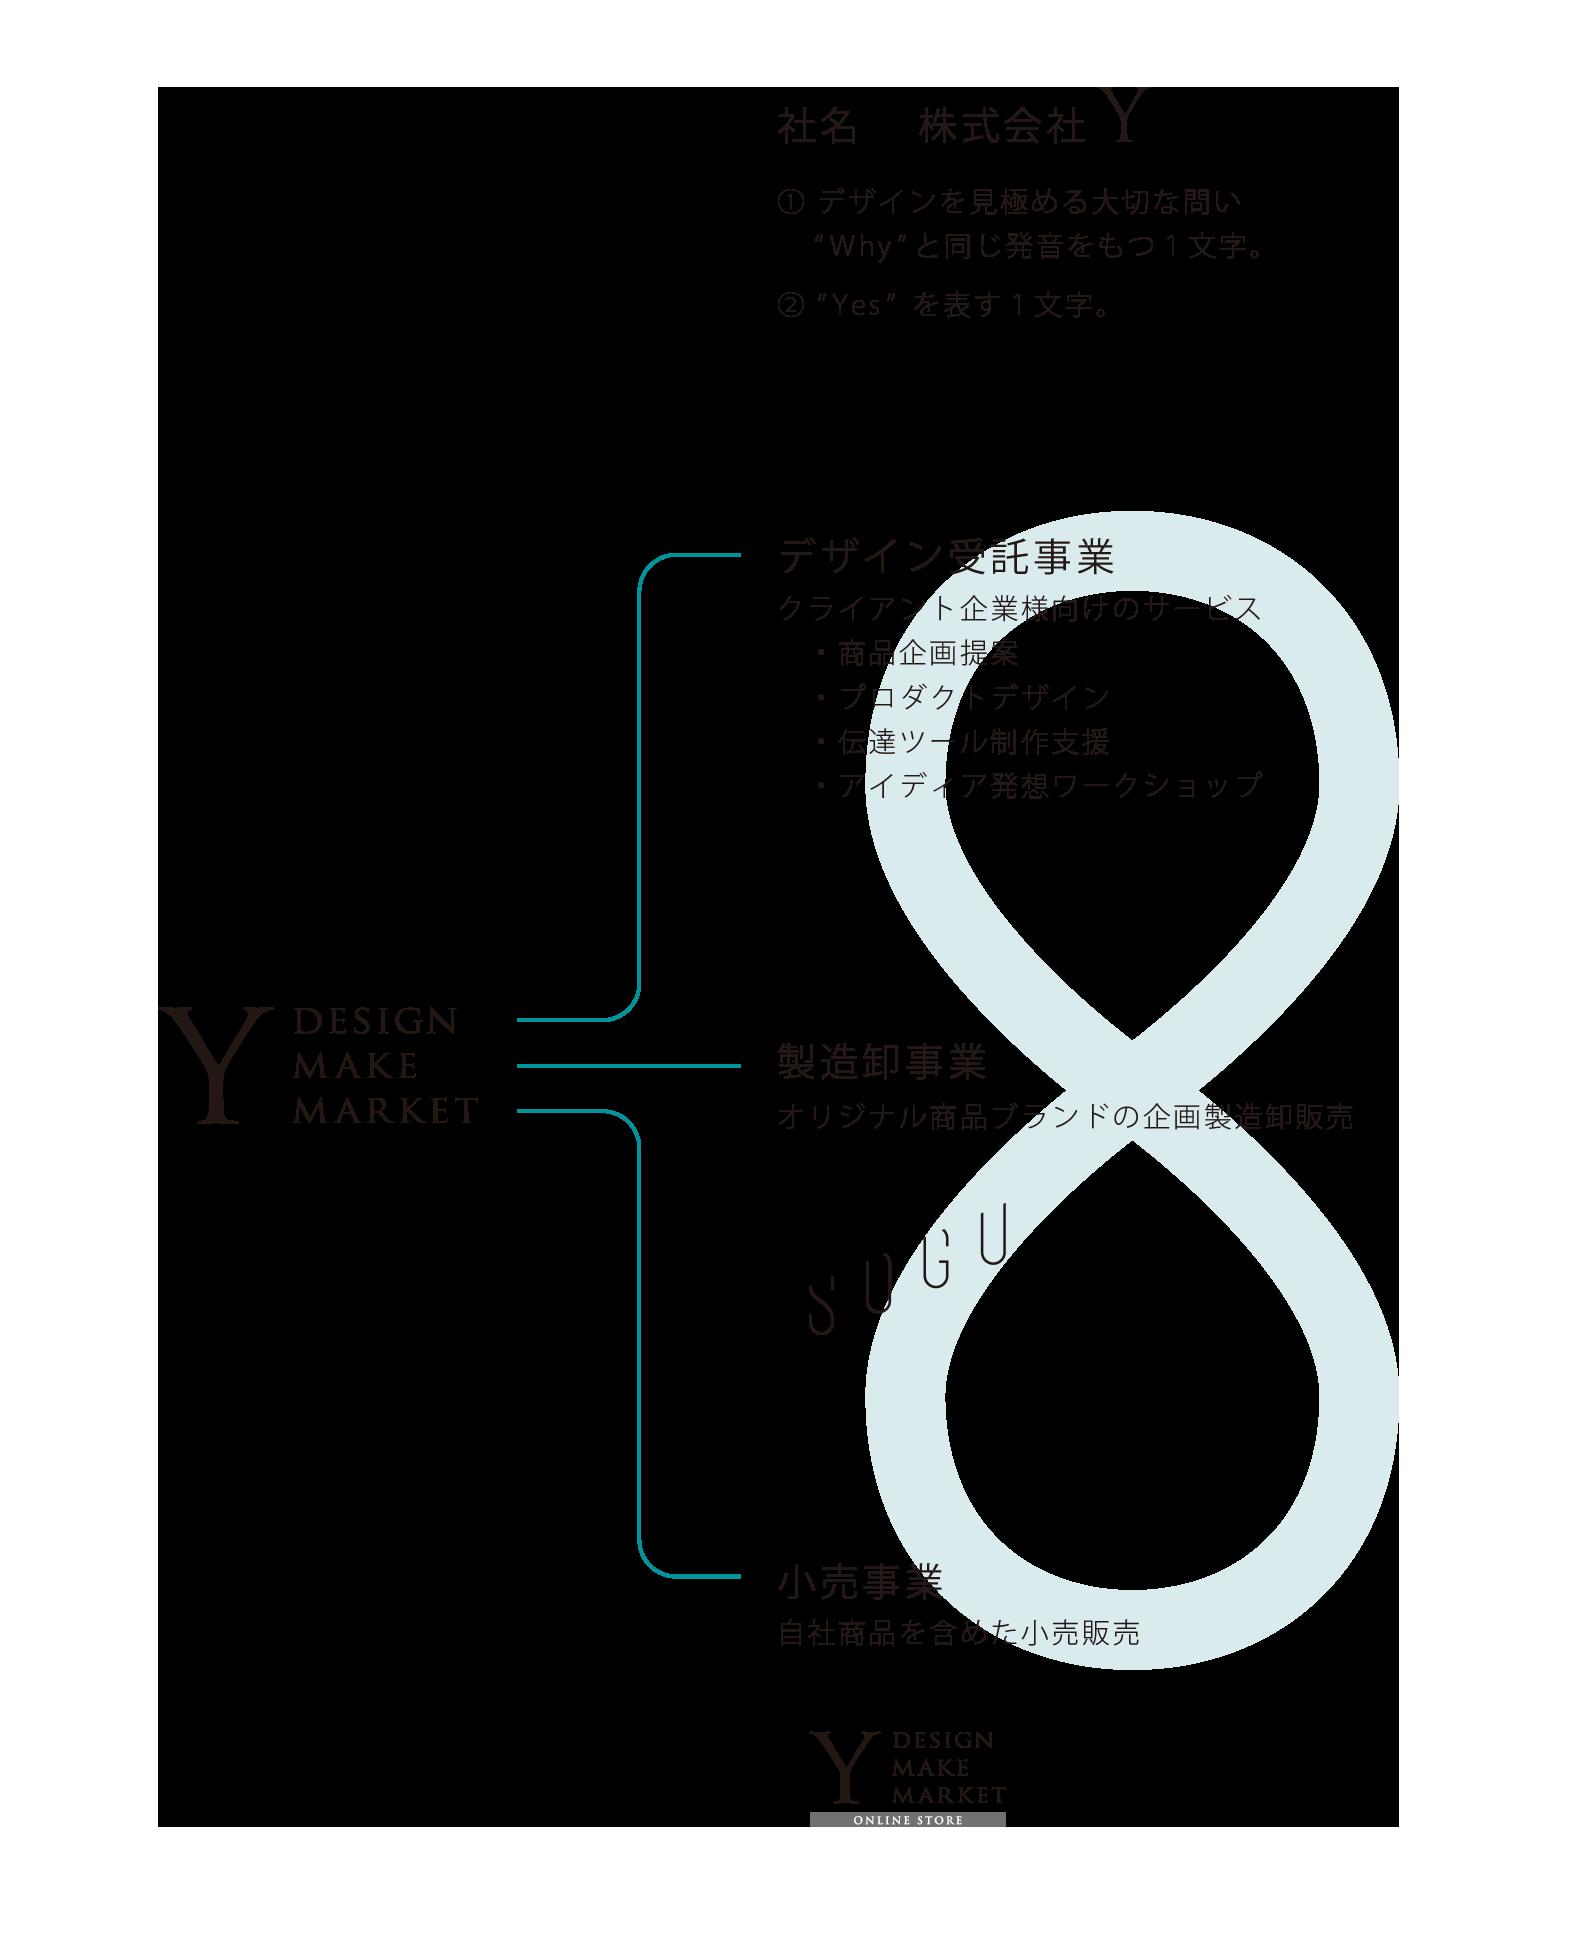 株式会社Yの3つの事業紹介